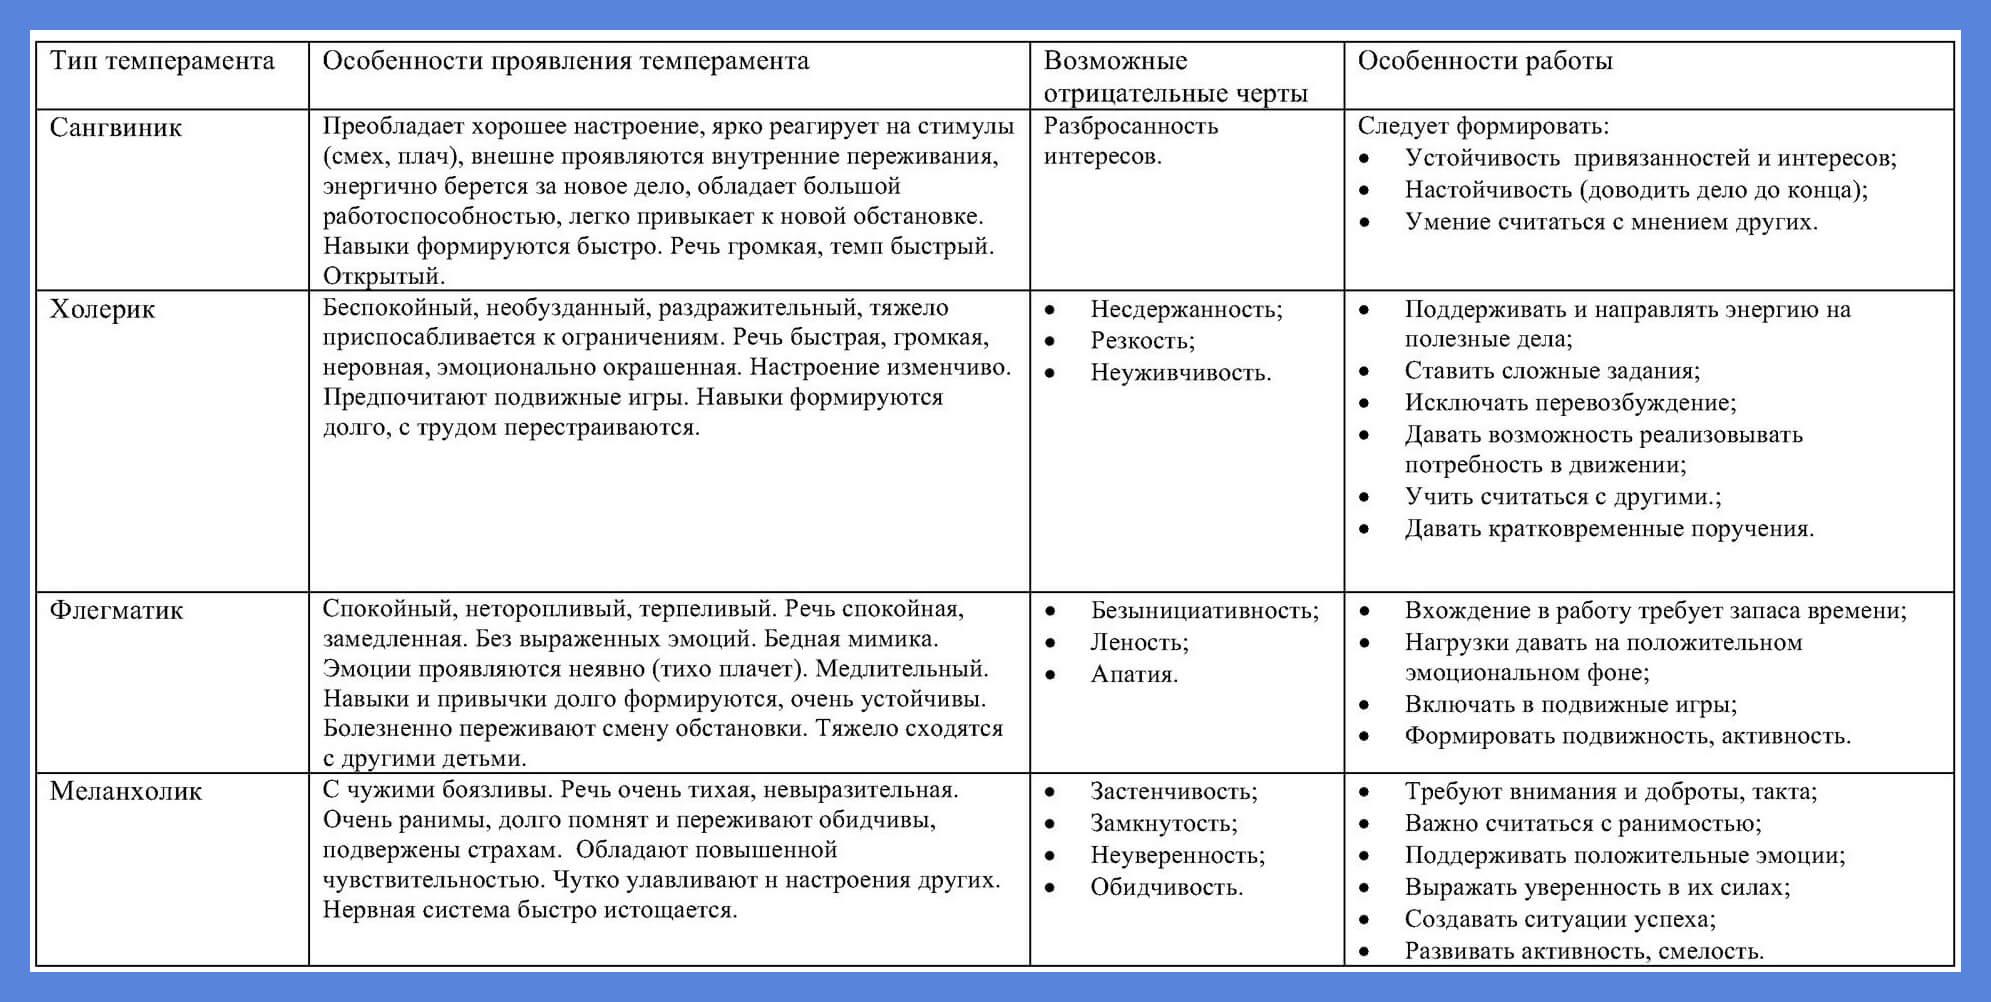 Меланхолия - что это такое, симптомы, лечение, причины